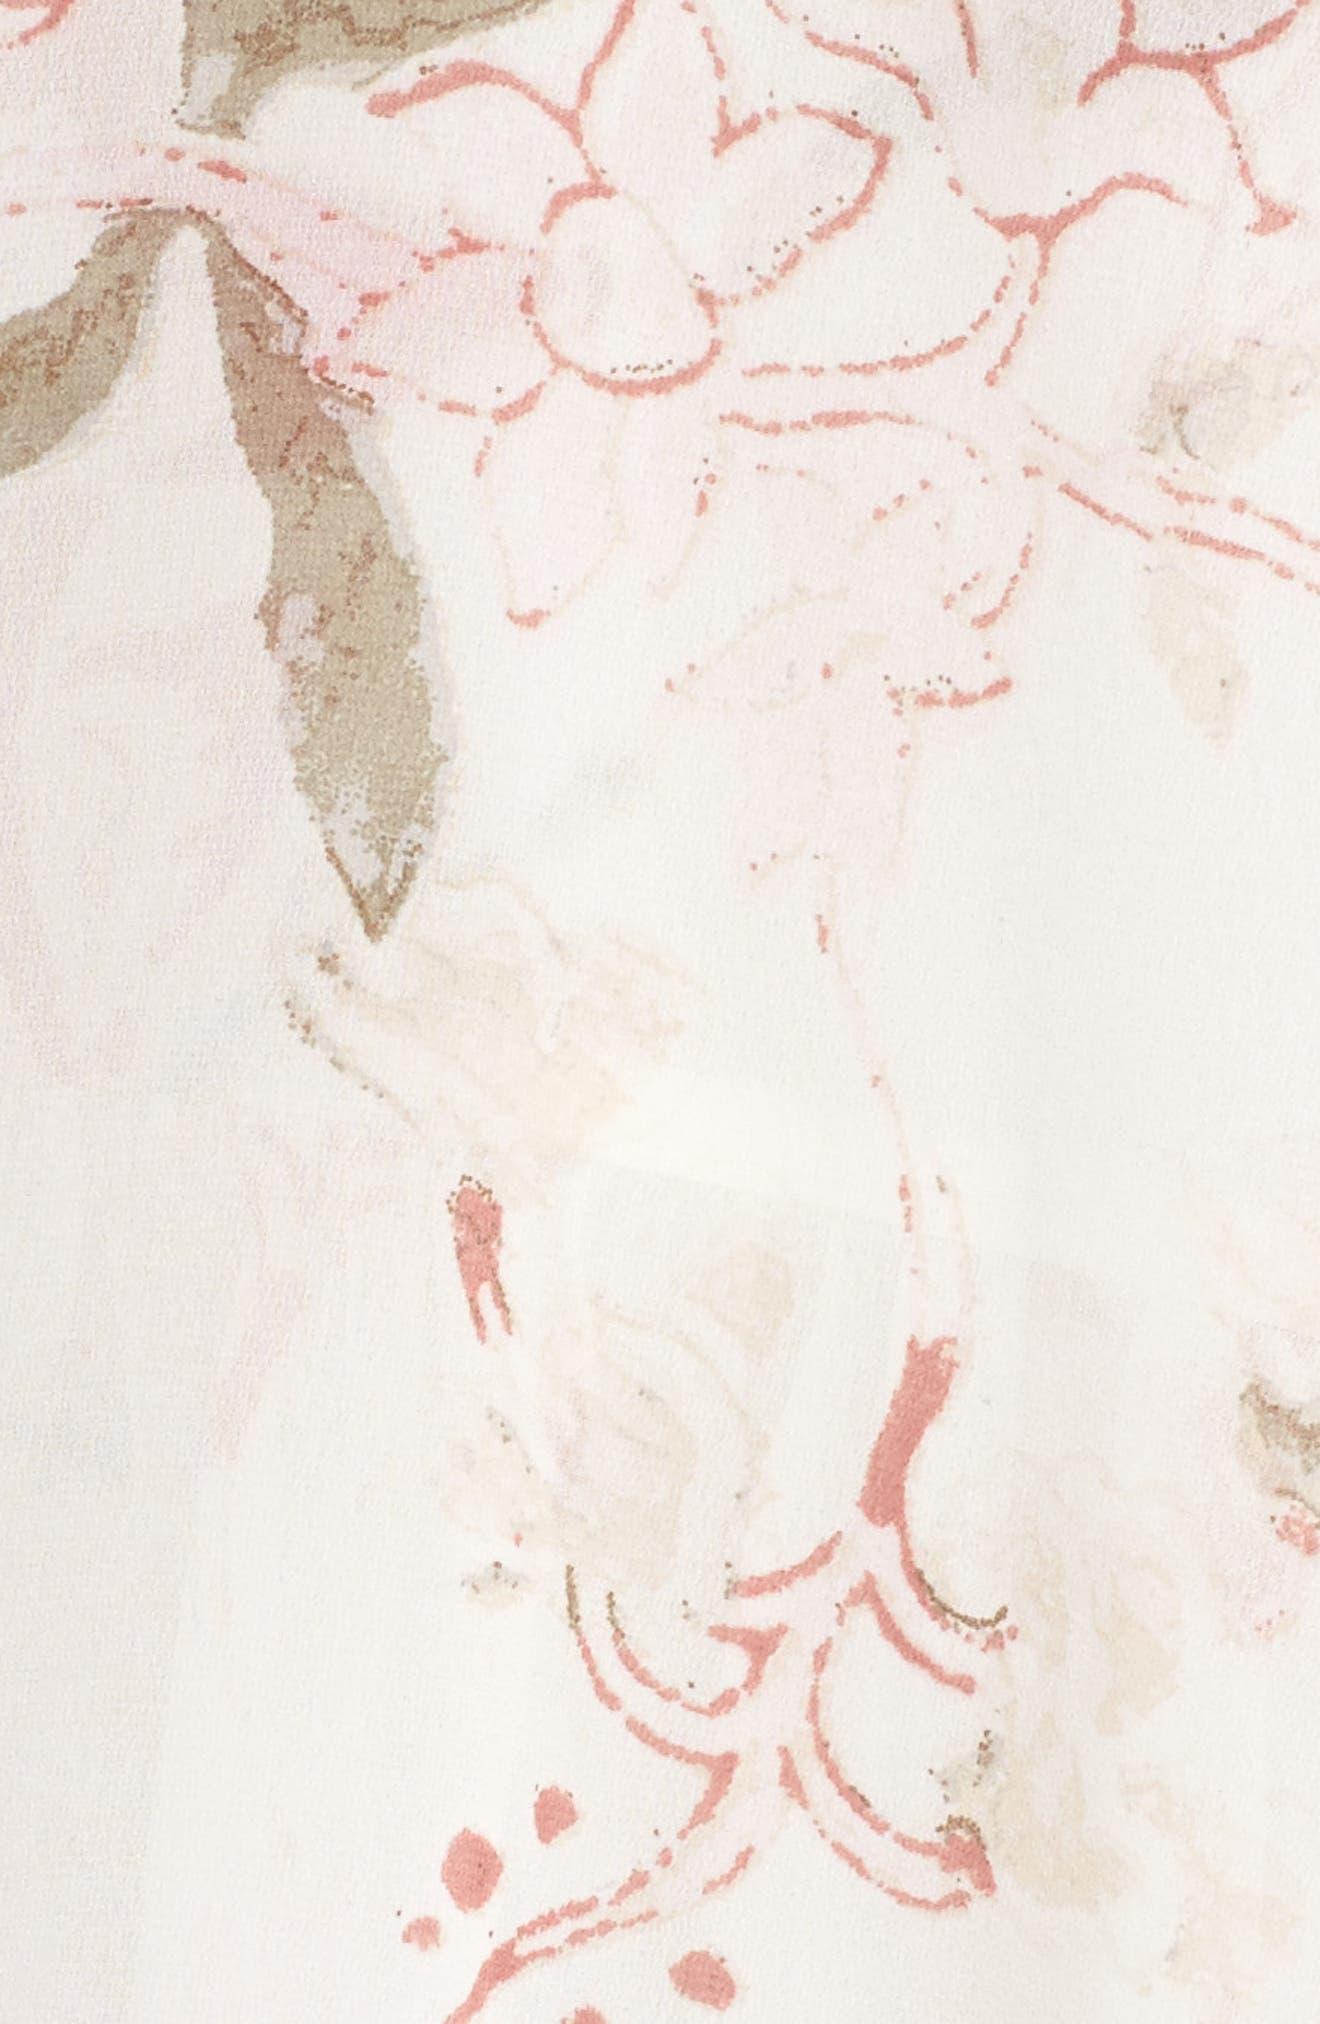 Jenna Print Peasant Top,                             Alternate thumbnail 5, color,                             Natural Multi